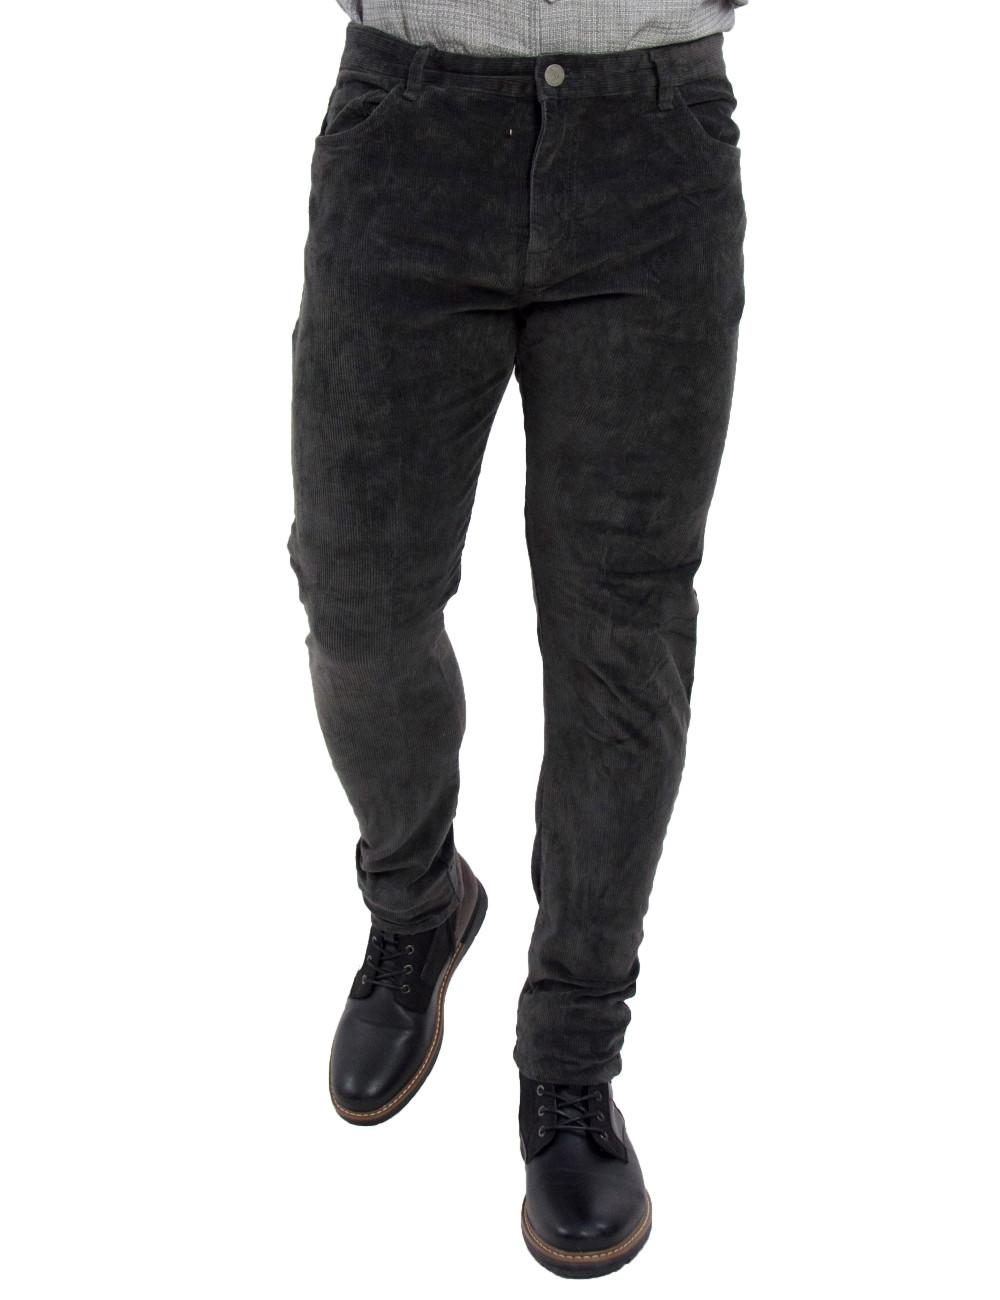 Ανδρικό γκρι κοτλέ παντελόνι ελαστικό Bread & Buttons 801180